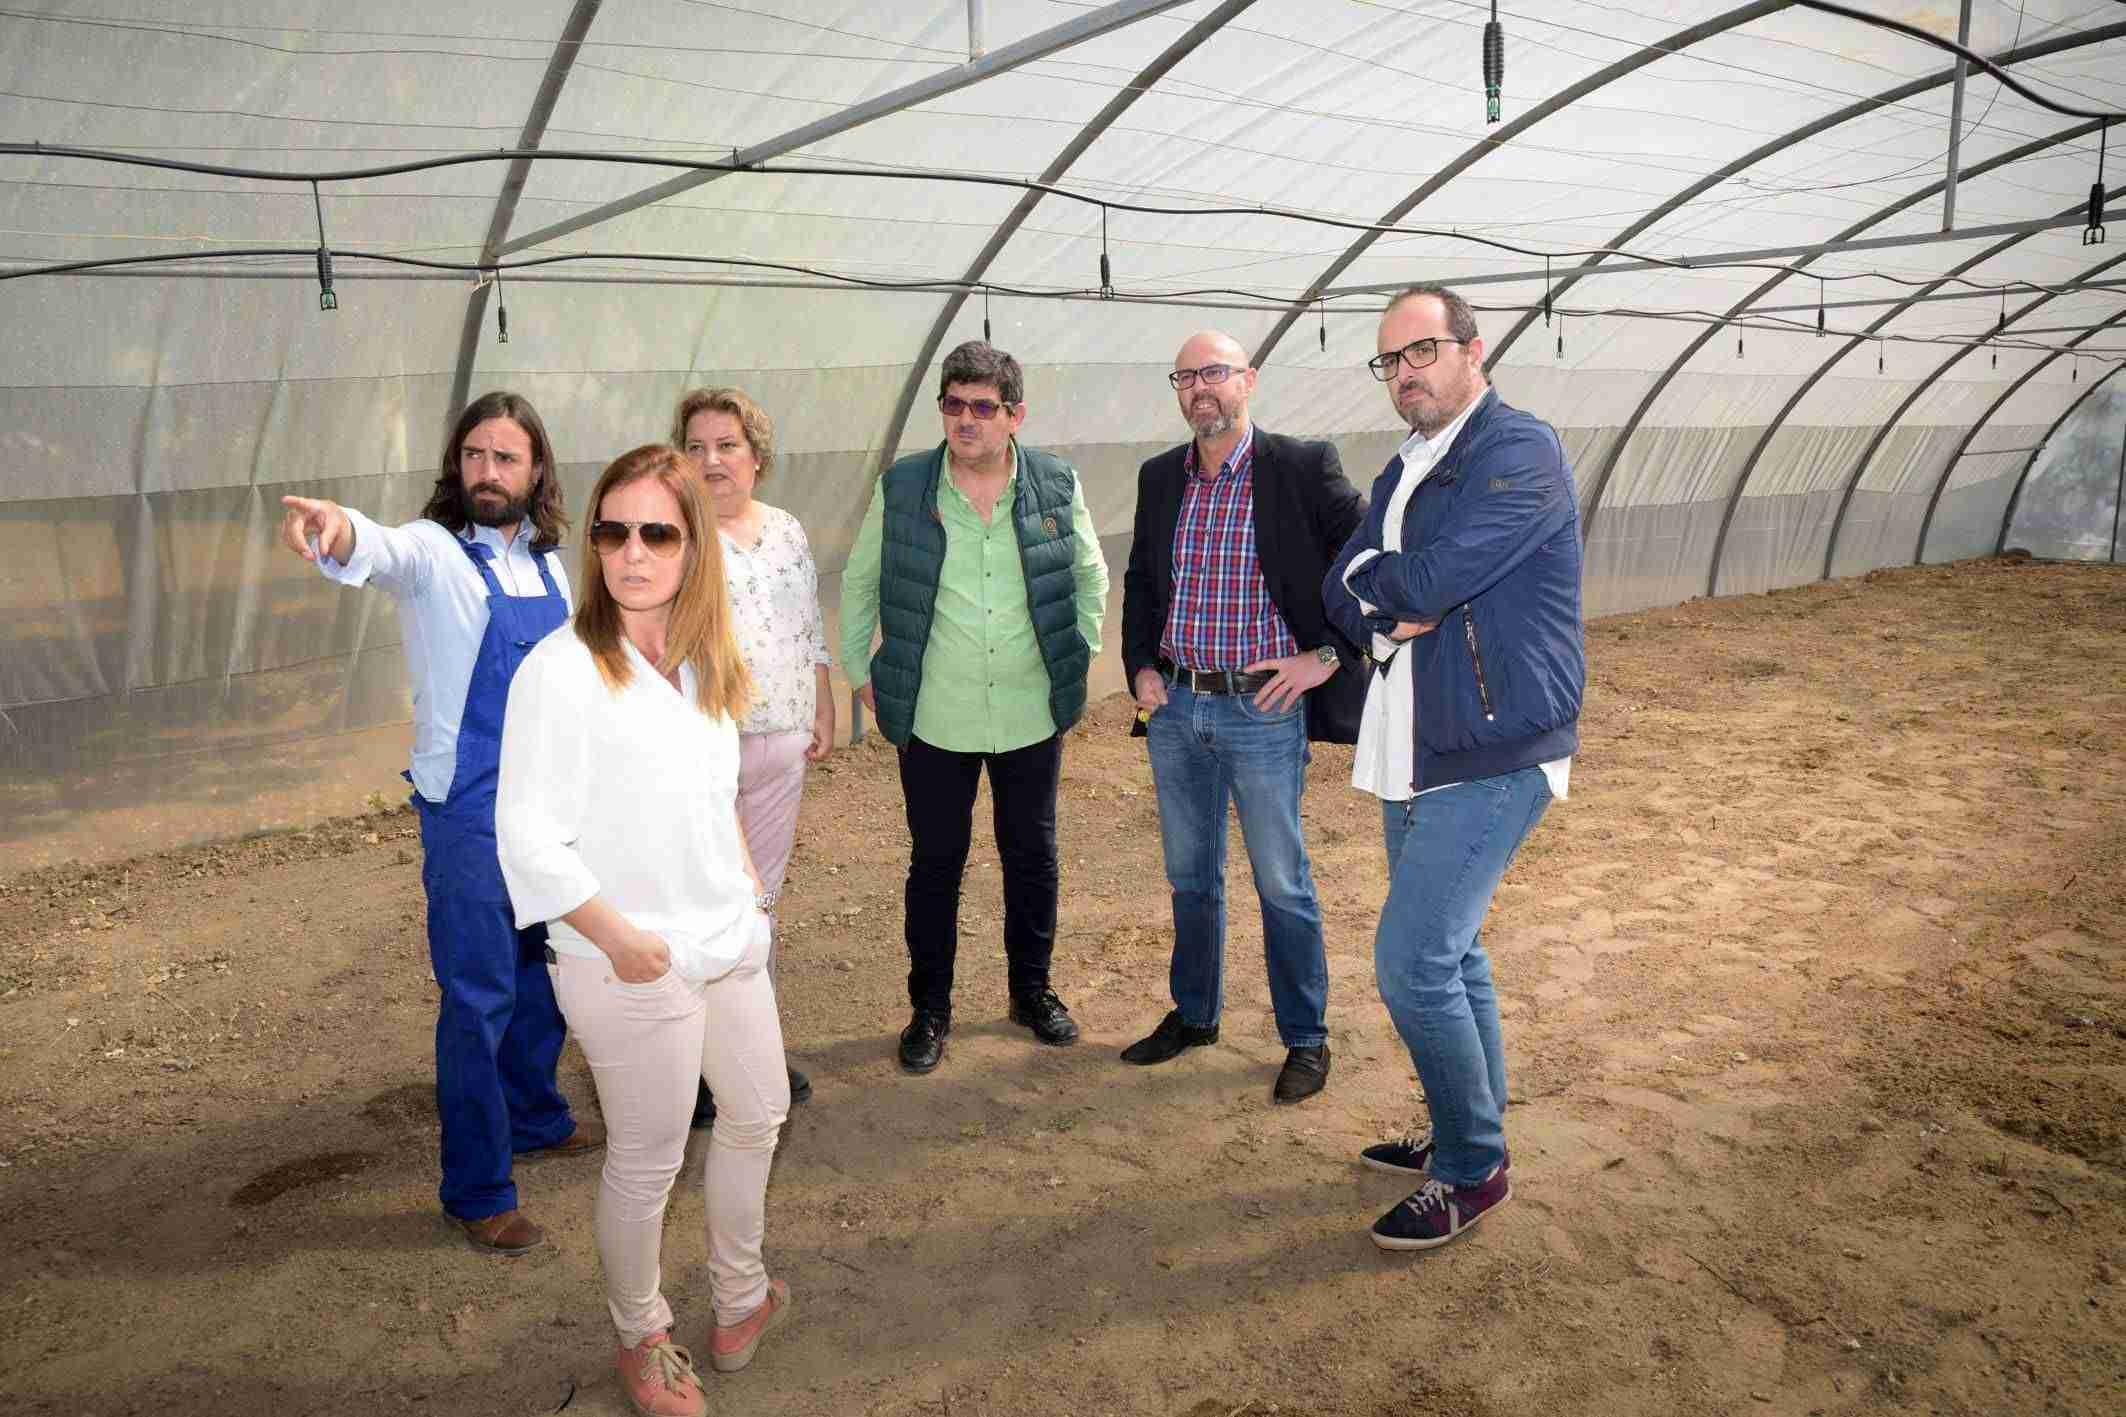 El alumnado de agro-jardinería del IES Vicente Cano utilizará el invernadero cedido por el Ayuntamiento de Argamasilla 3